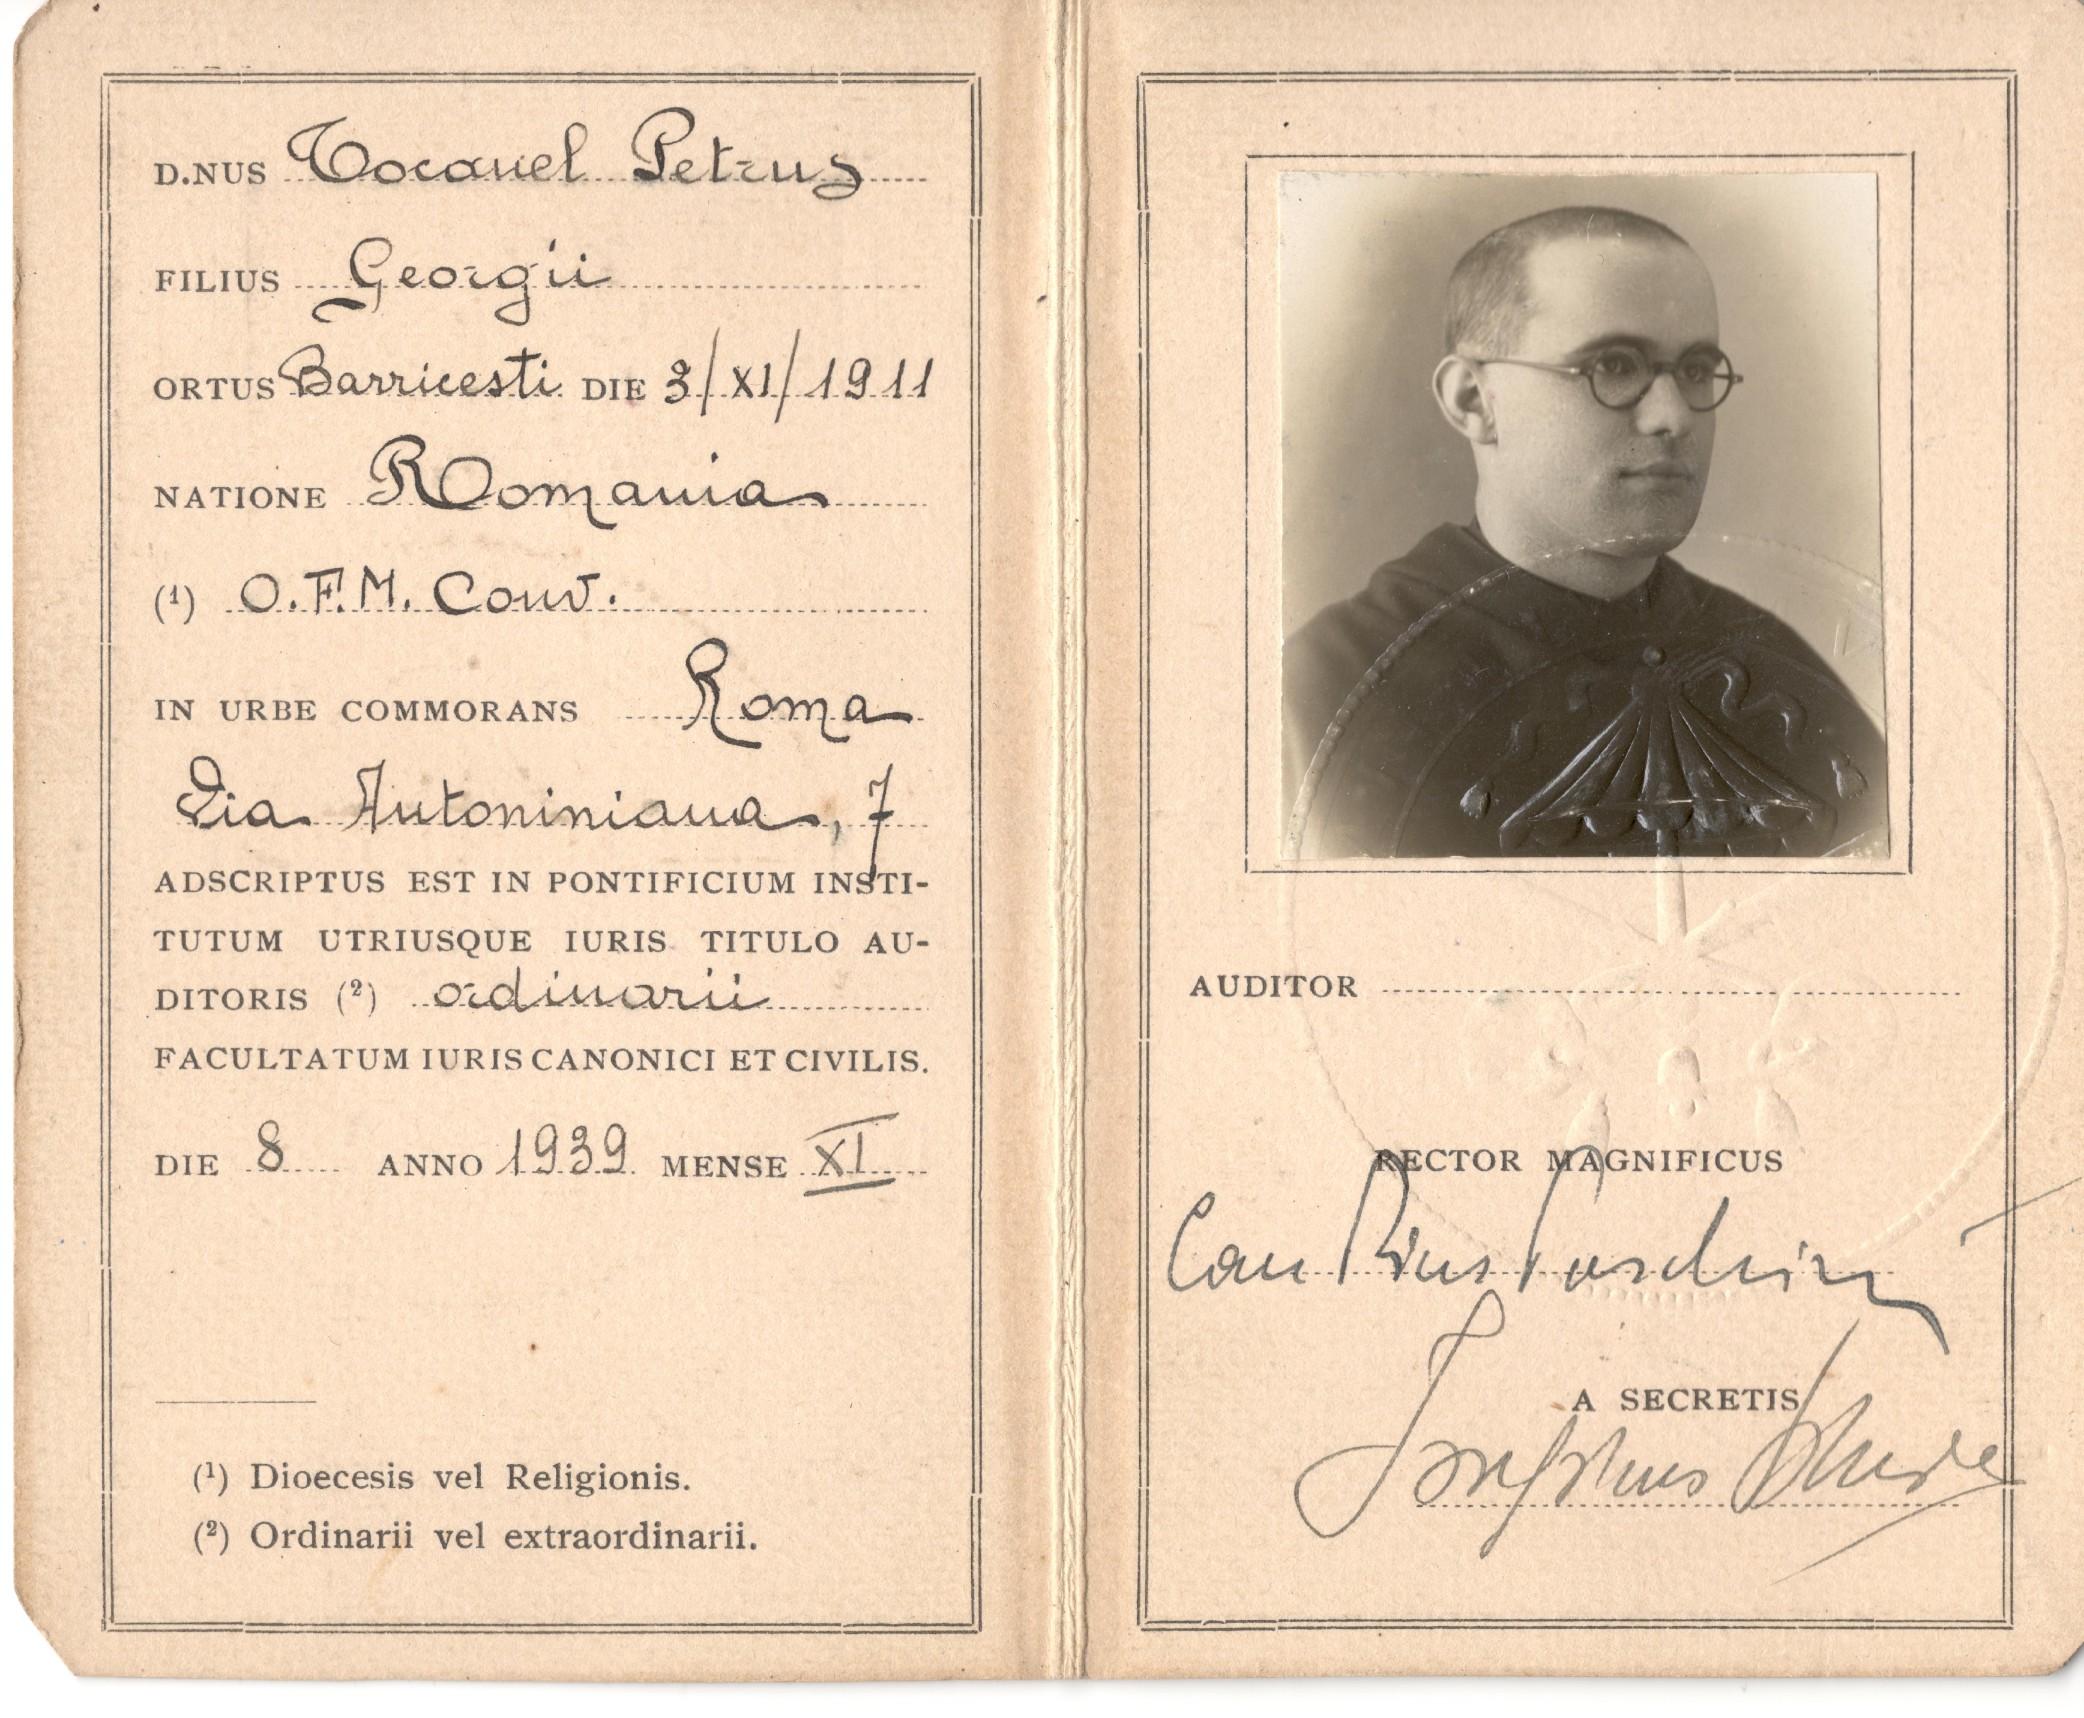 Înscrierea la Pontificium Institutum Utriusque Iuris